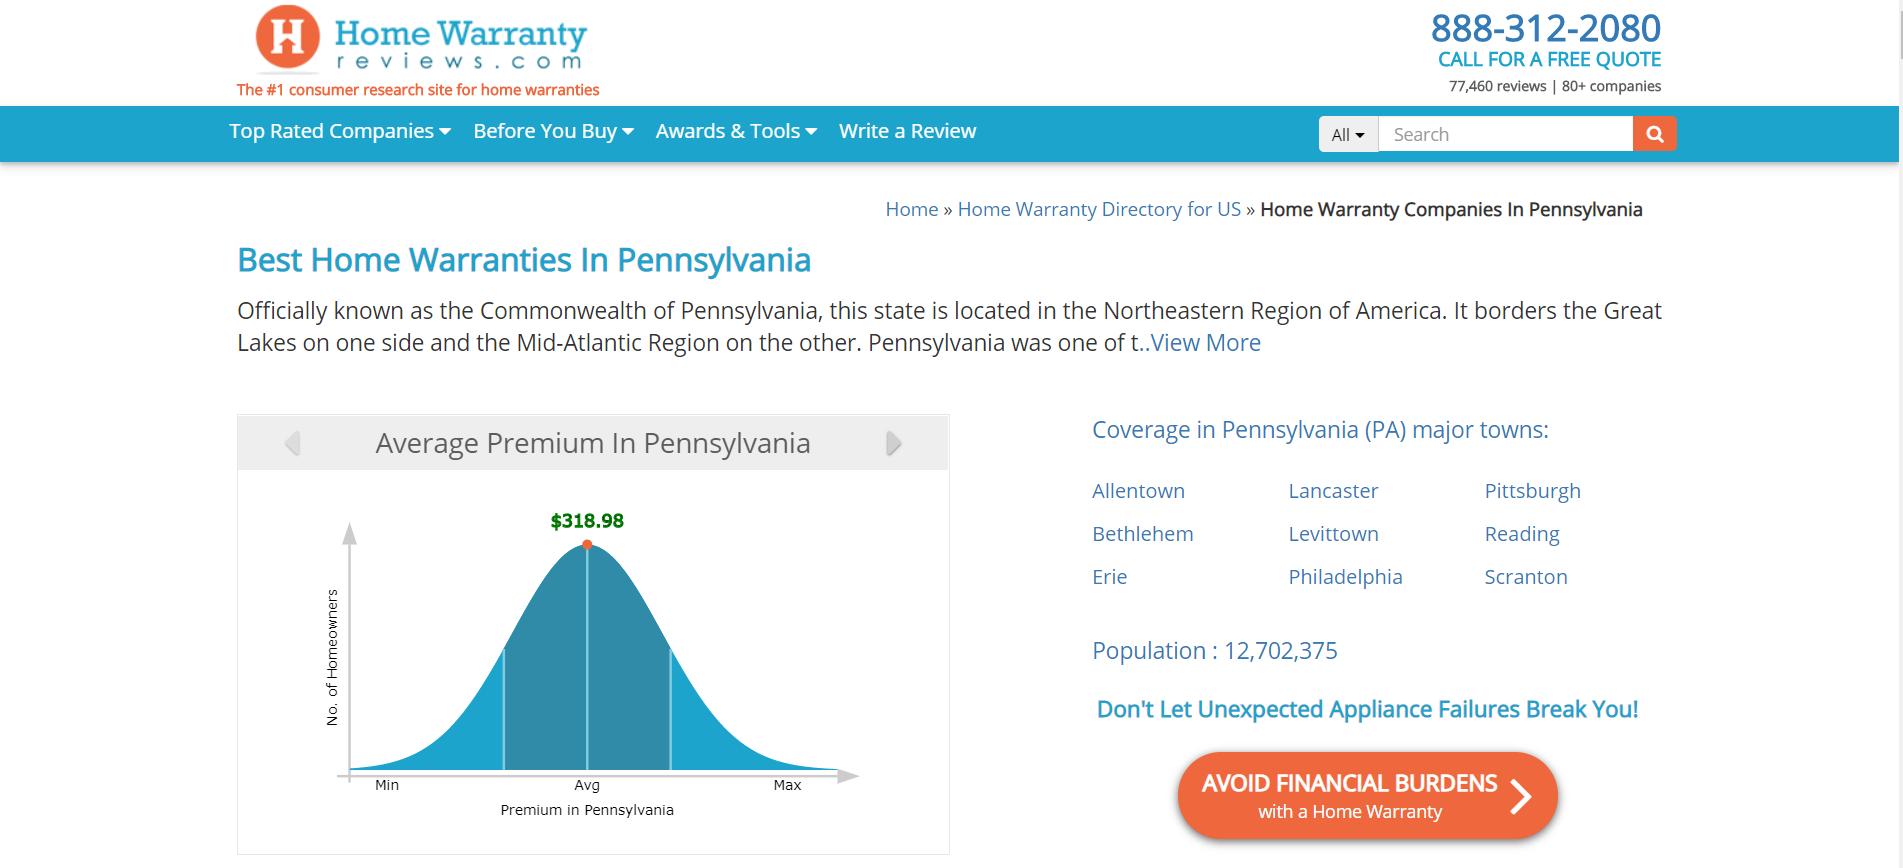 Top 10 Best Home Warranties In Pennsylvania Pa Home Warranty Companies Best Home Warranty Home Warranty